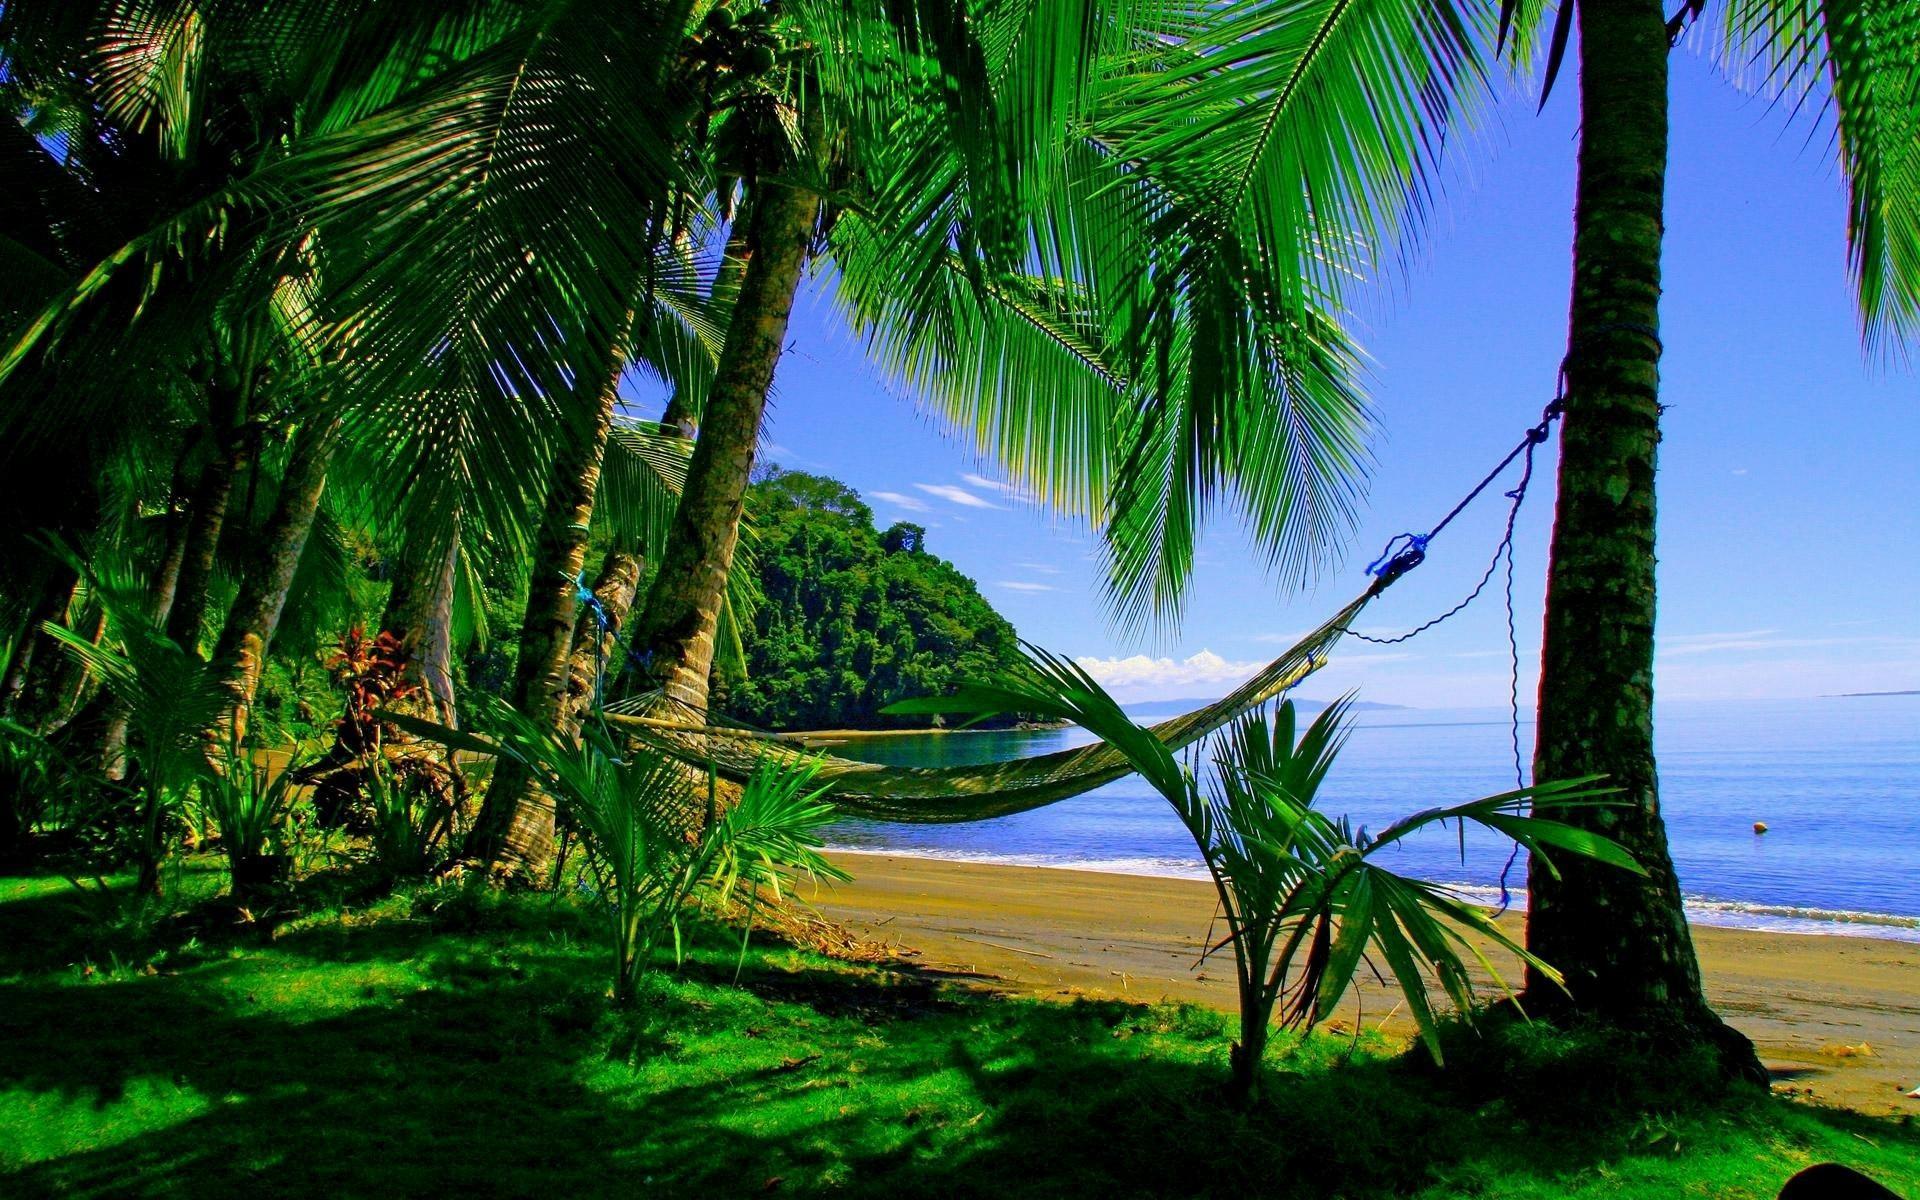 wallpaper.wiki-Wallpaper-puerto-beaches-palms-summer-green-